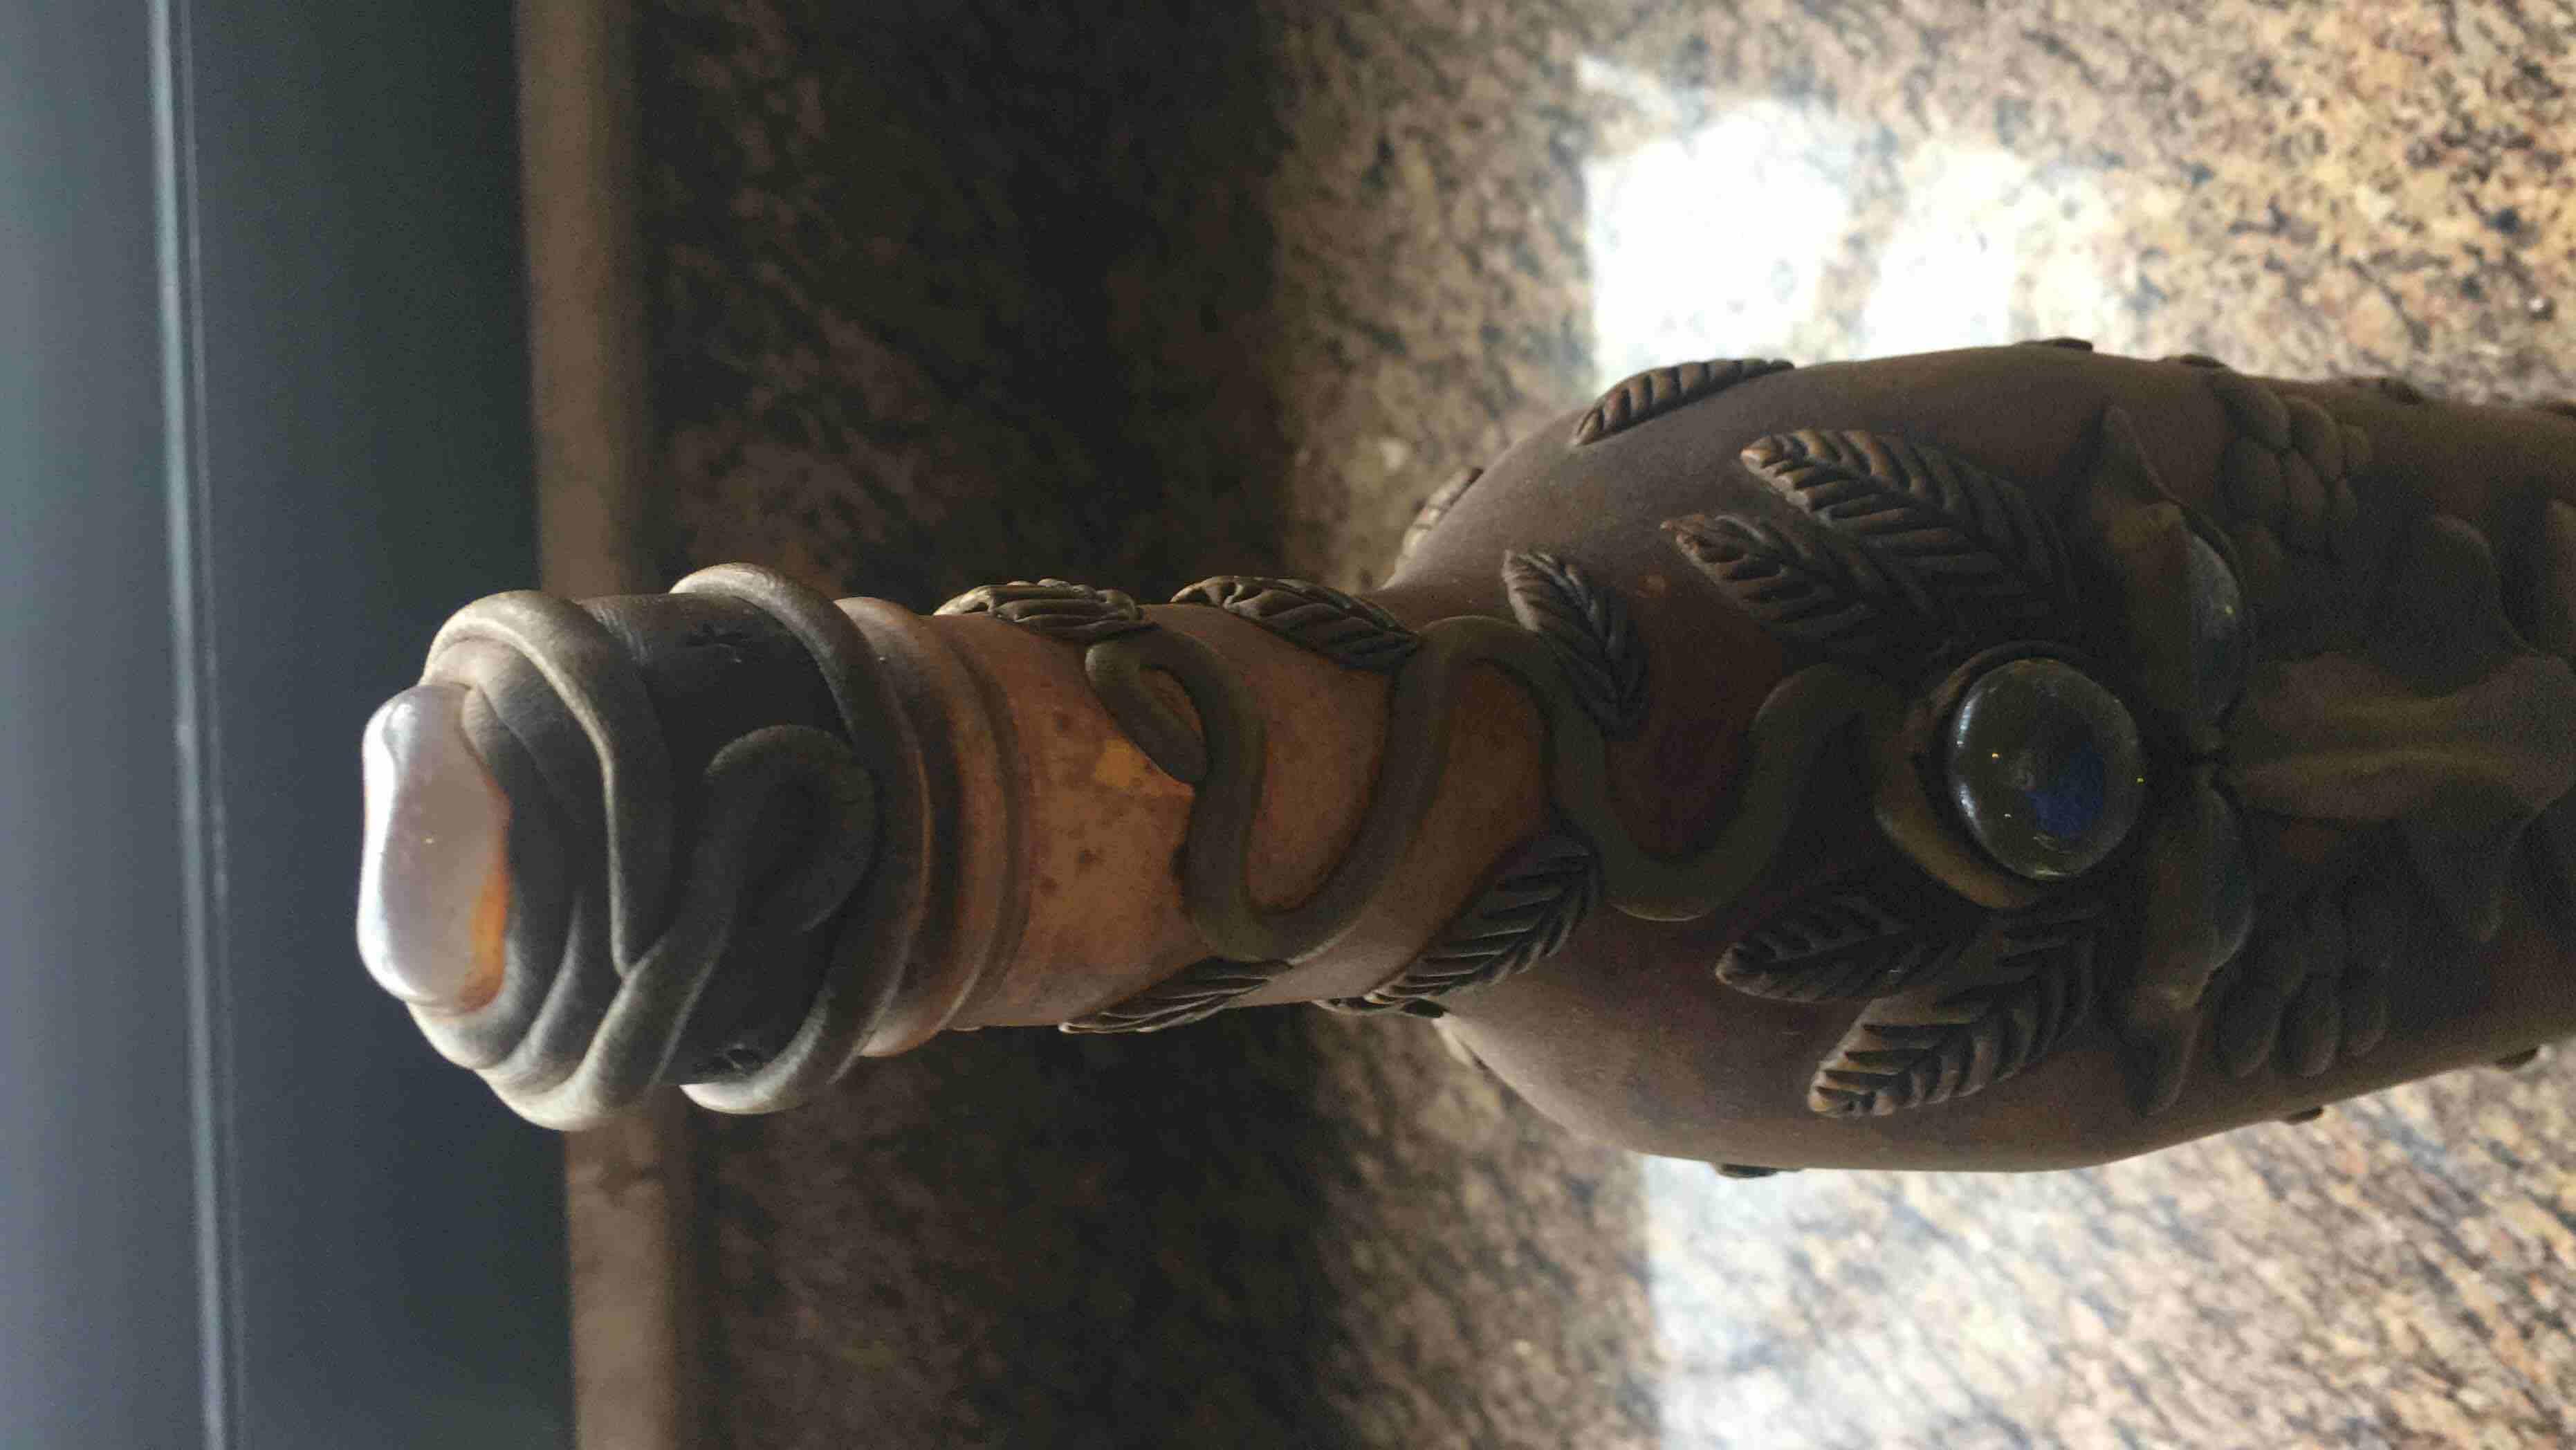 قنينة مرصعة بأحجار نادرة   ٩٦١٠٣٠١٢١٠٠